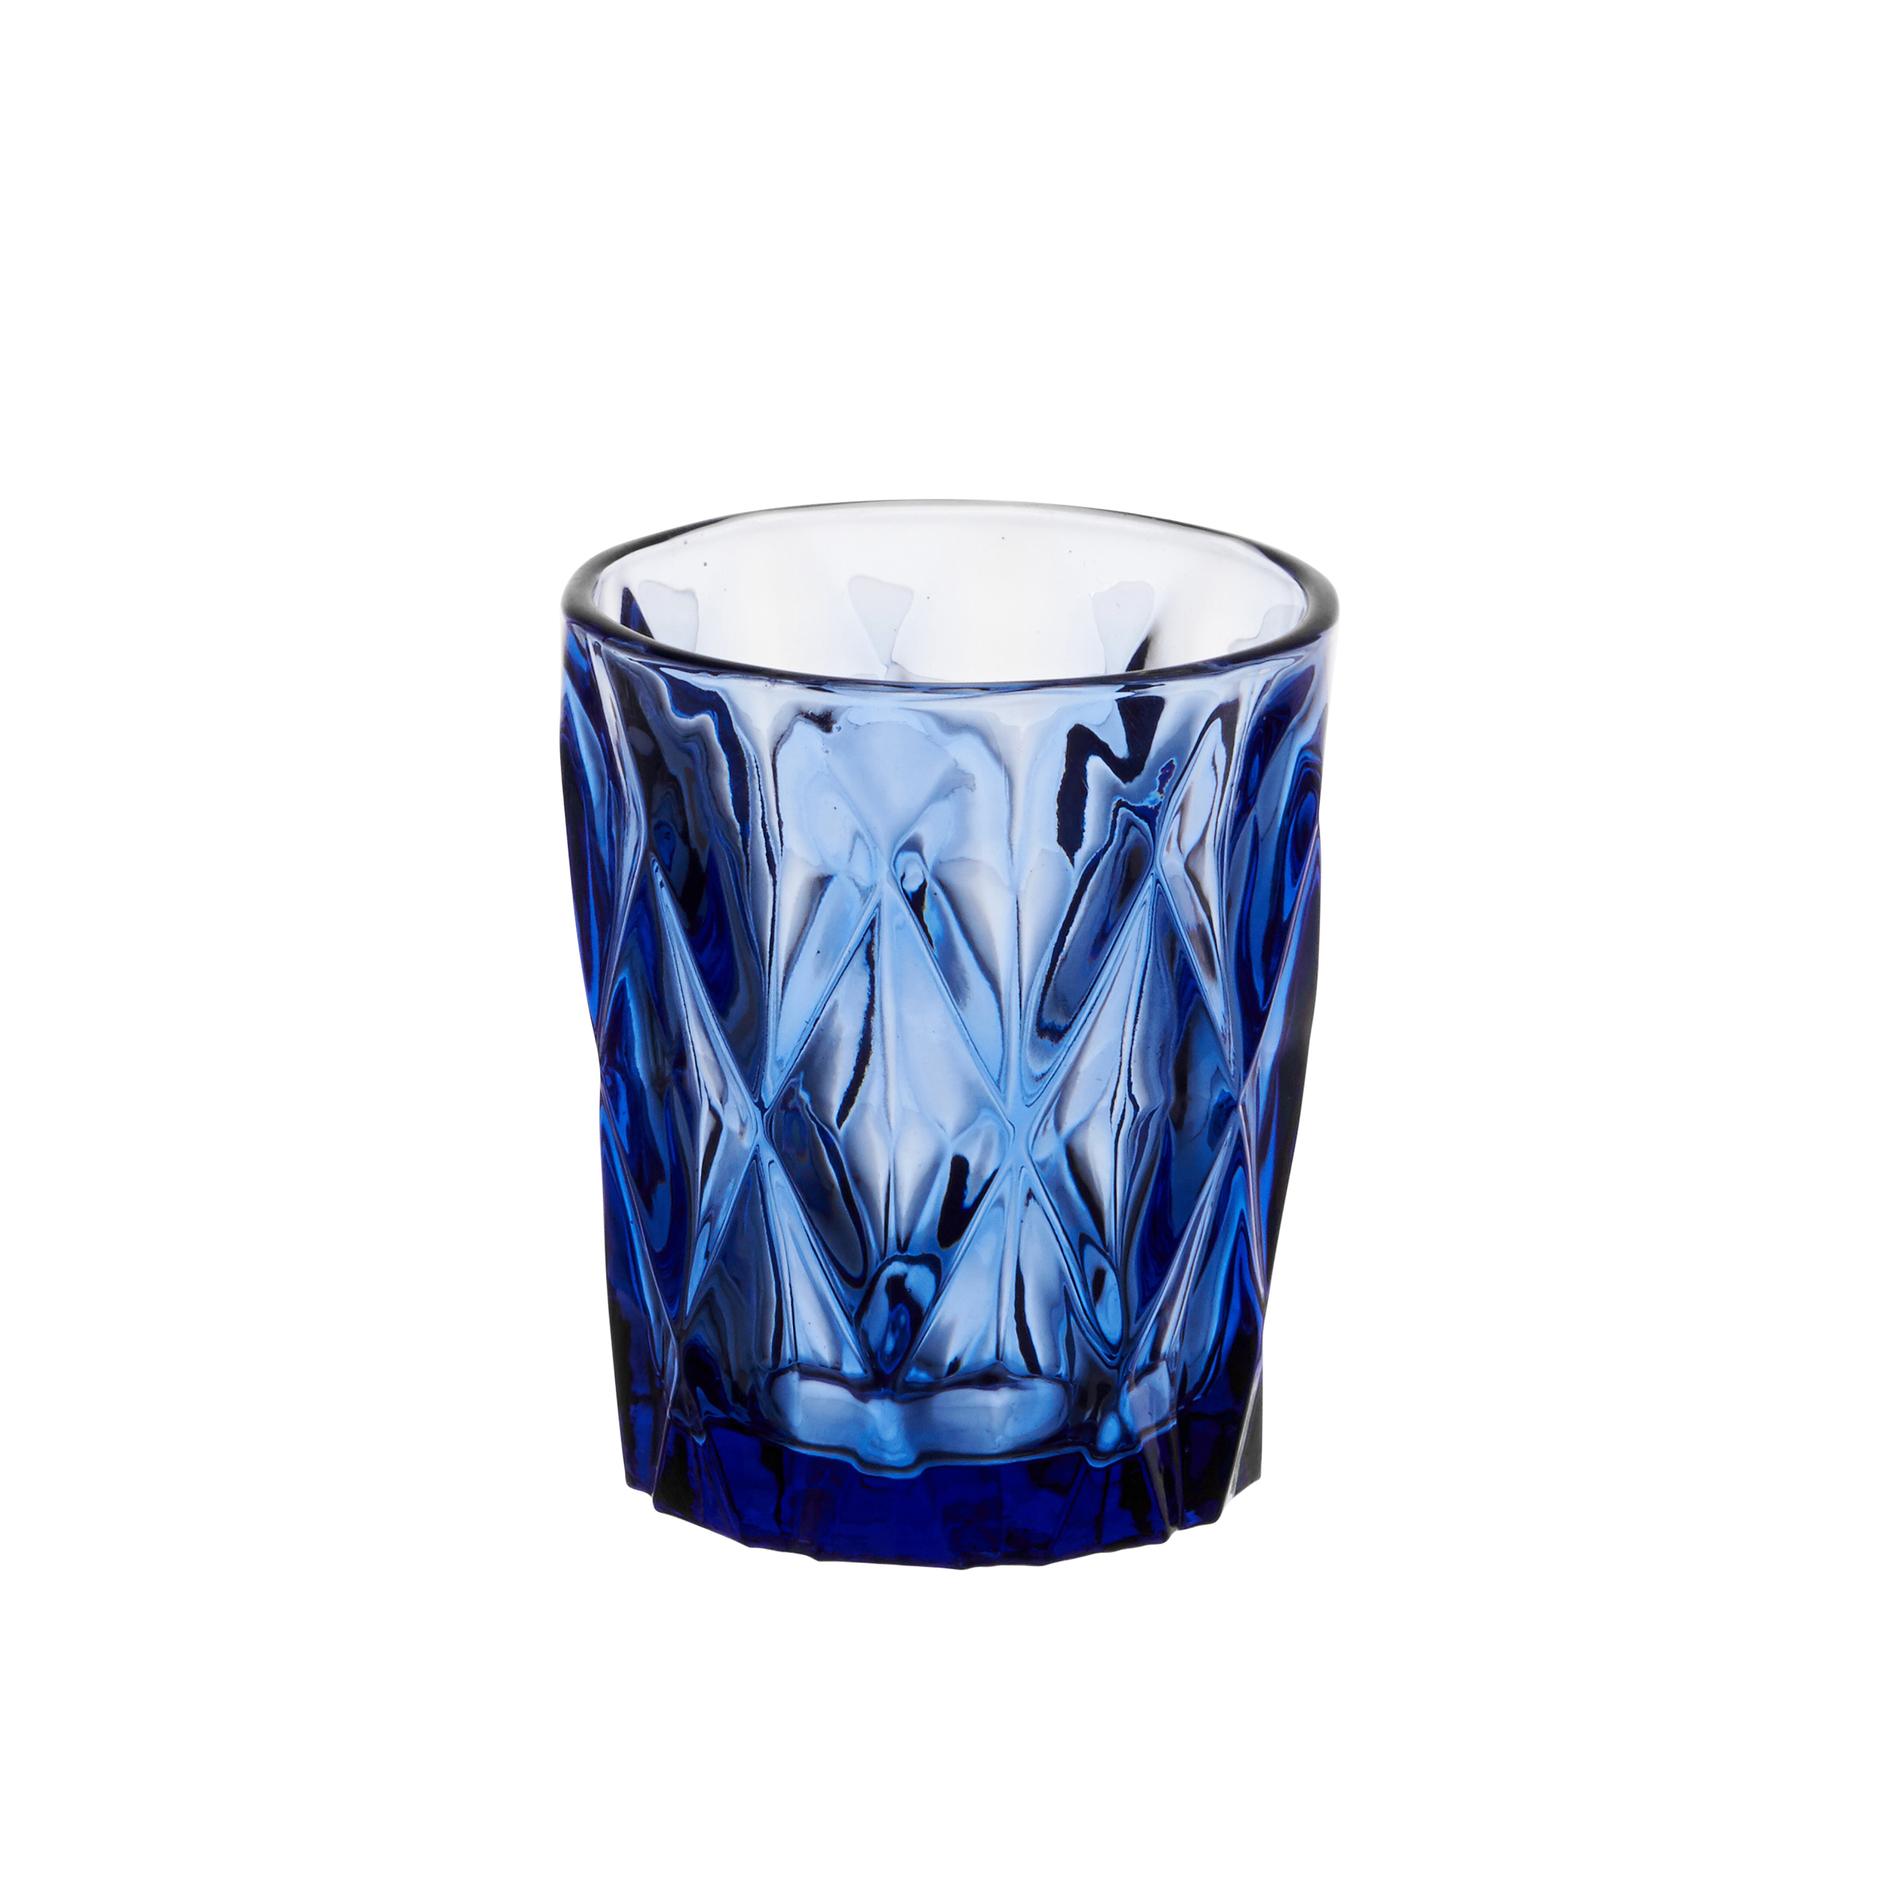 Bicchiere acqua in vetro colorato diamond coincasa - Coincasa bicchieri ...